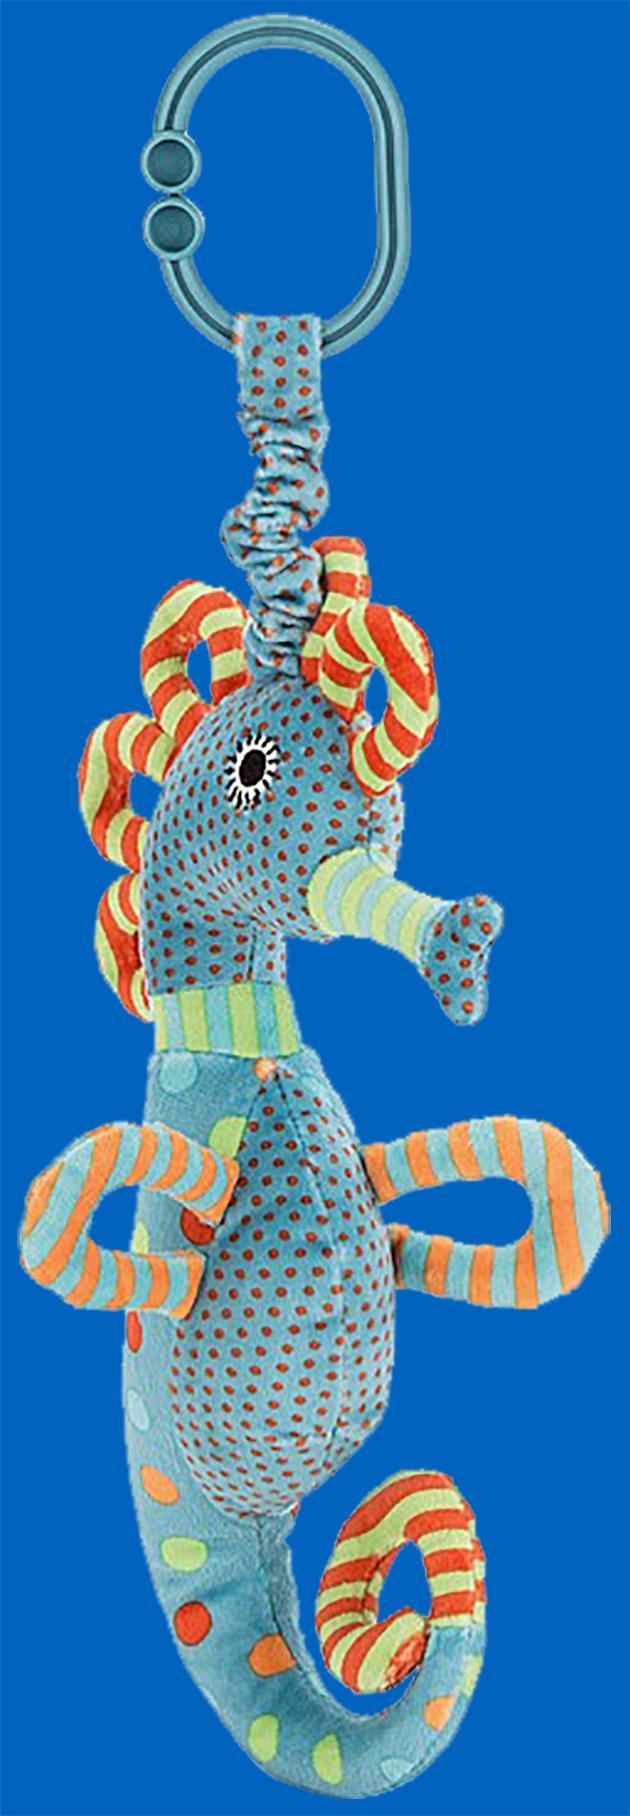 Under the Sea Seahorse